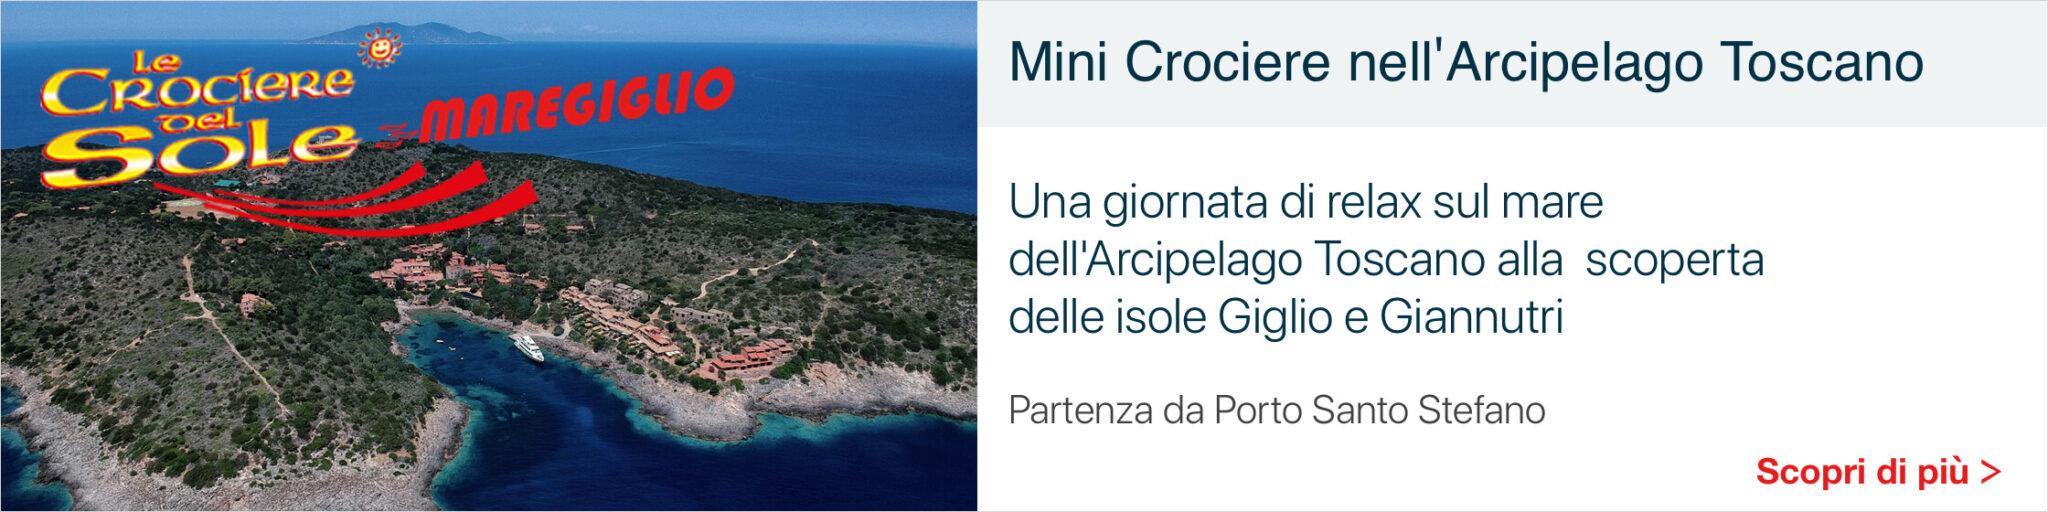 Mini Crociere Arcipelago Toscano - Banner Maregiglio